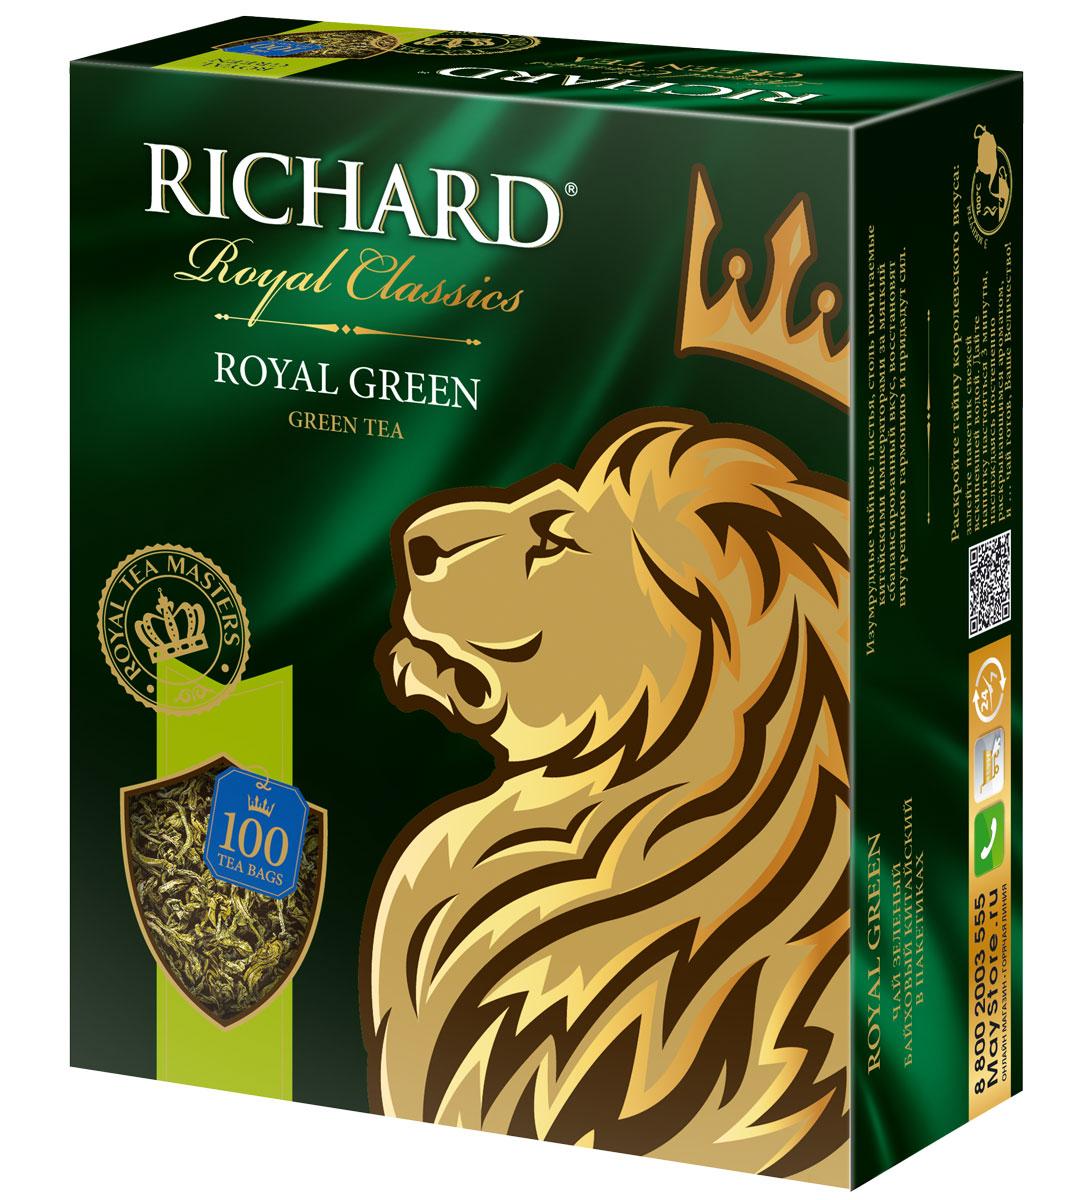 Richard Royal Green зеленый чай в пакетиках, 100 шт610150Richard Royal Green - зеленый байховый китайский чай в пакетиках. Изумрудные чайные листья, столь почитаемые за мягкий сбалансированный вкус, восстановят внутреннюю гармонию и придадут сил.